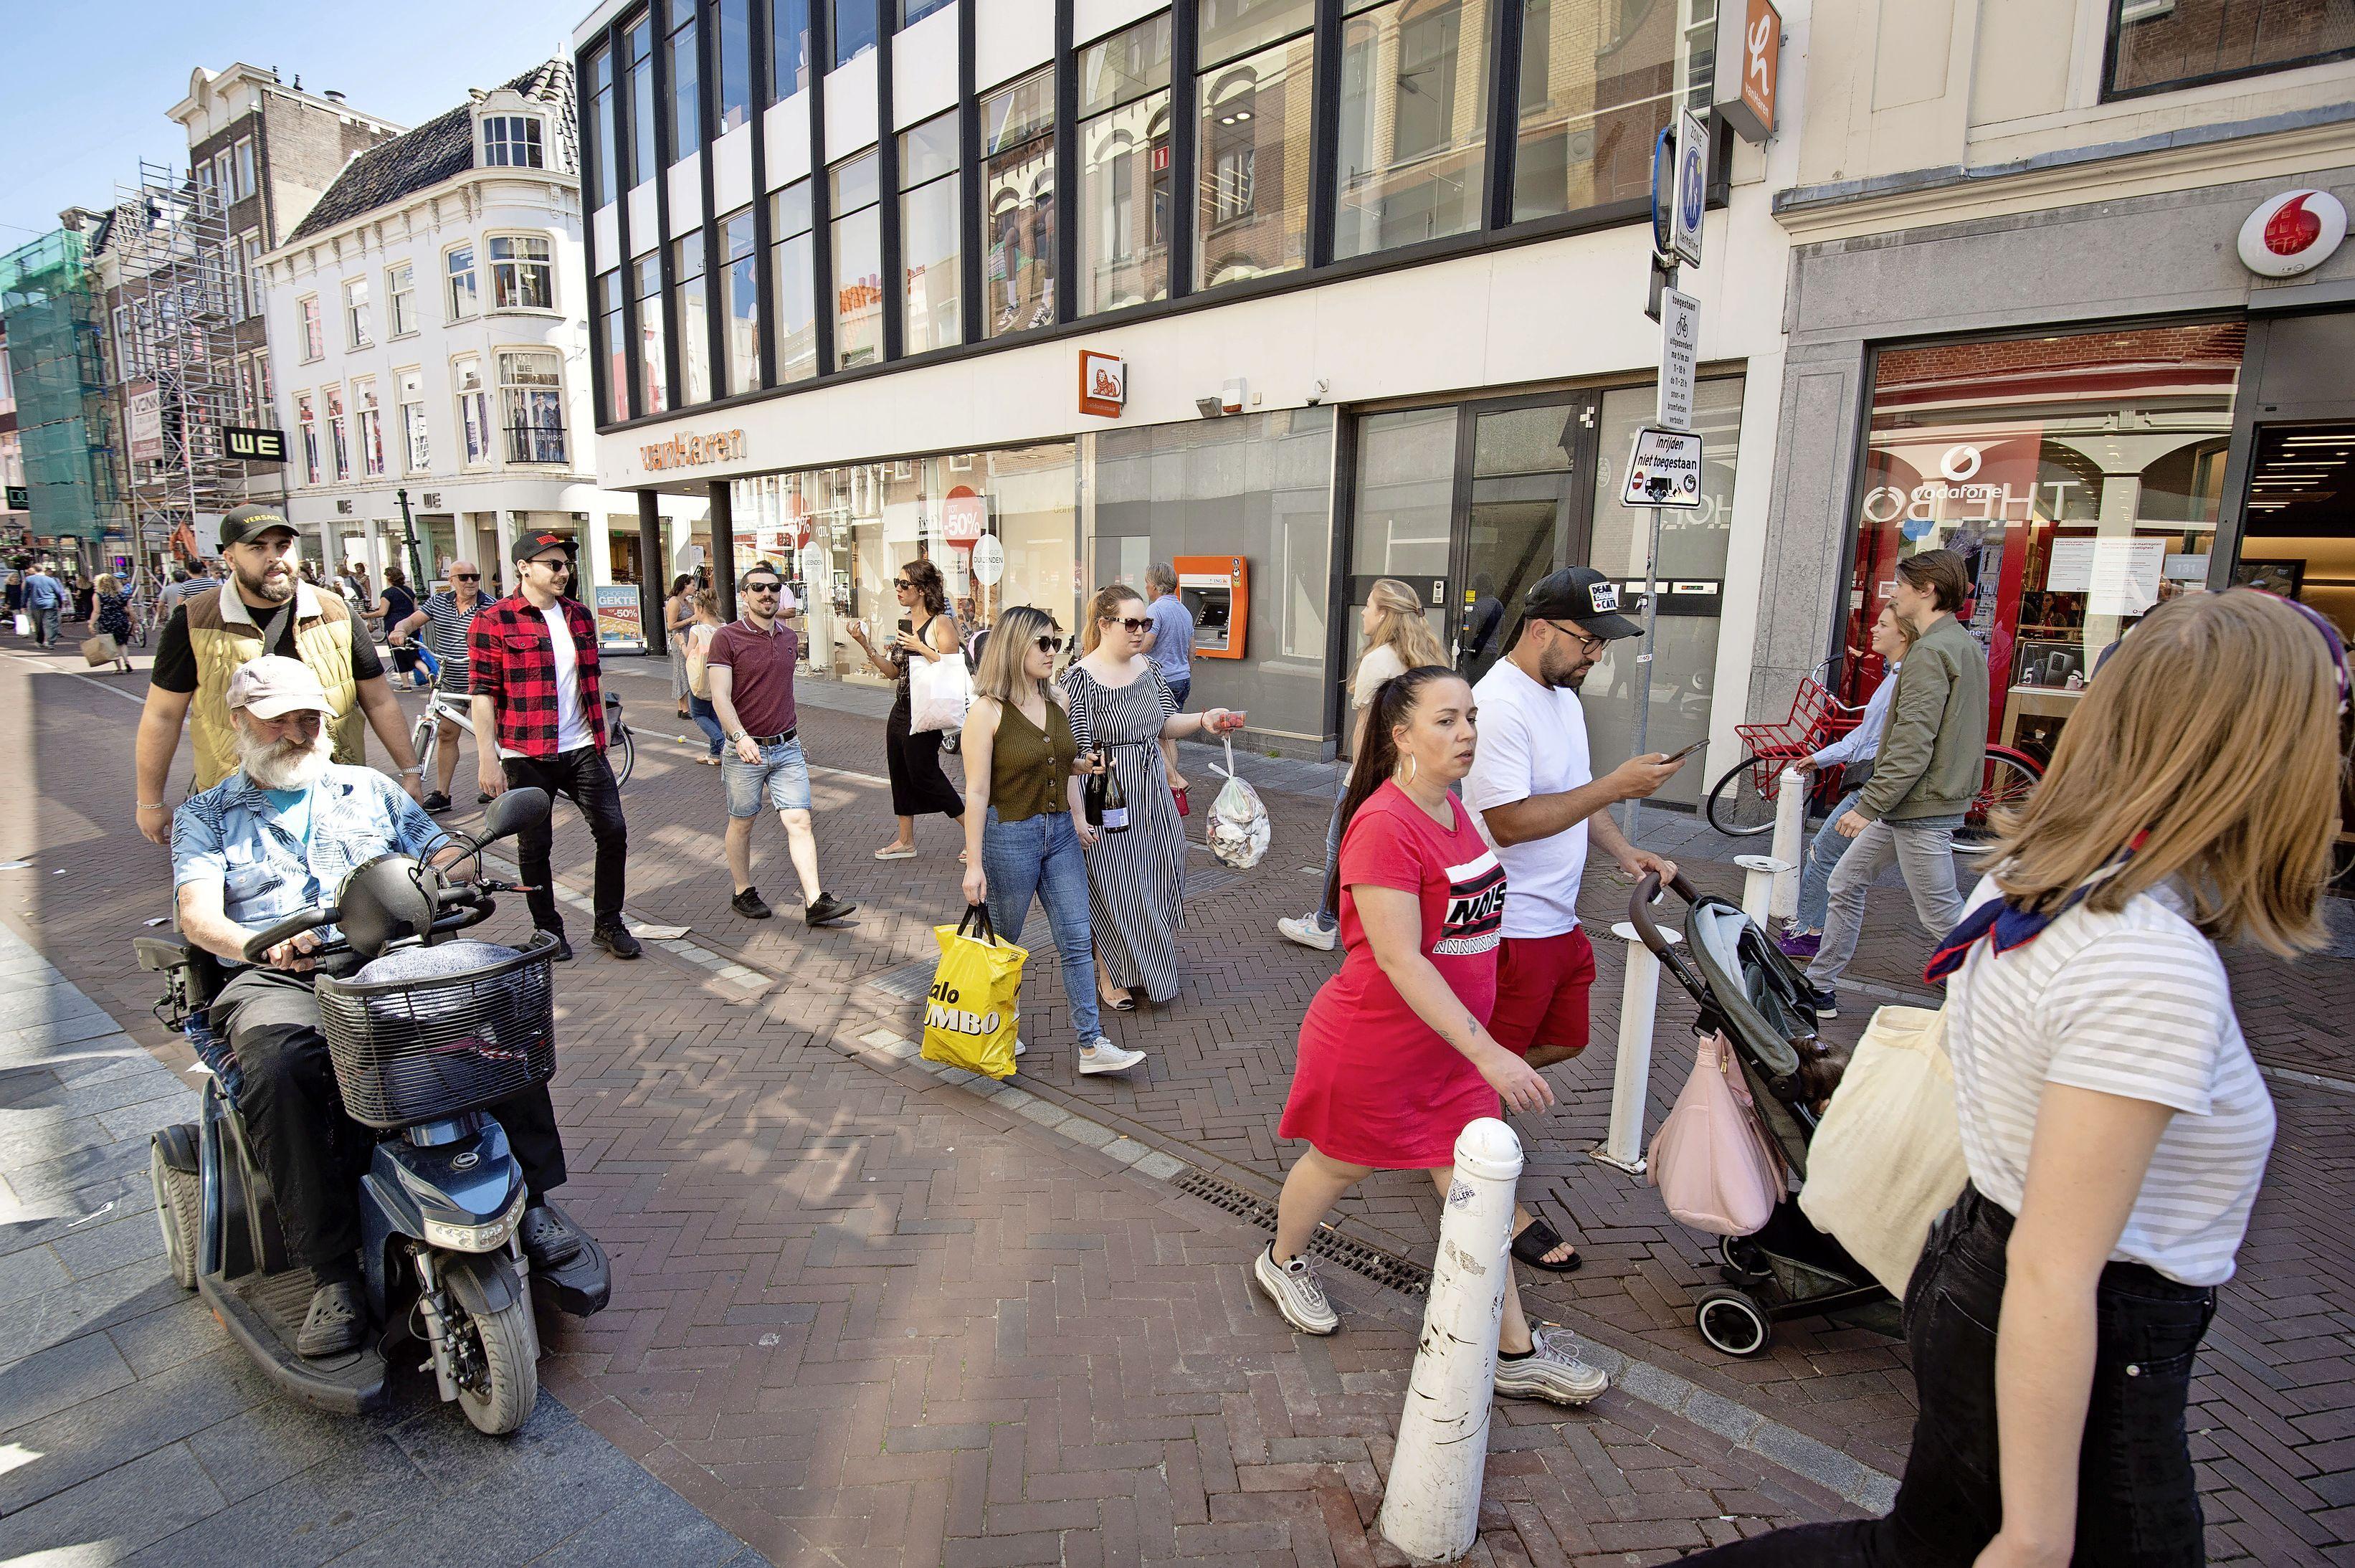 Campagne moet stimuleren om meer te kopen in Leiden: 'De stad die iedereen zo leuk vindt, willen we ook zo leuk houden'